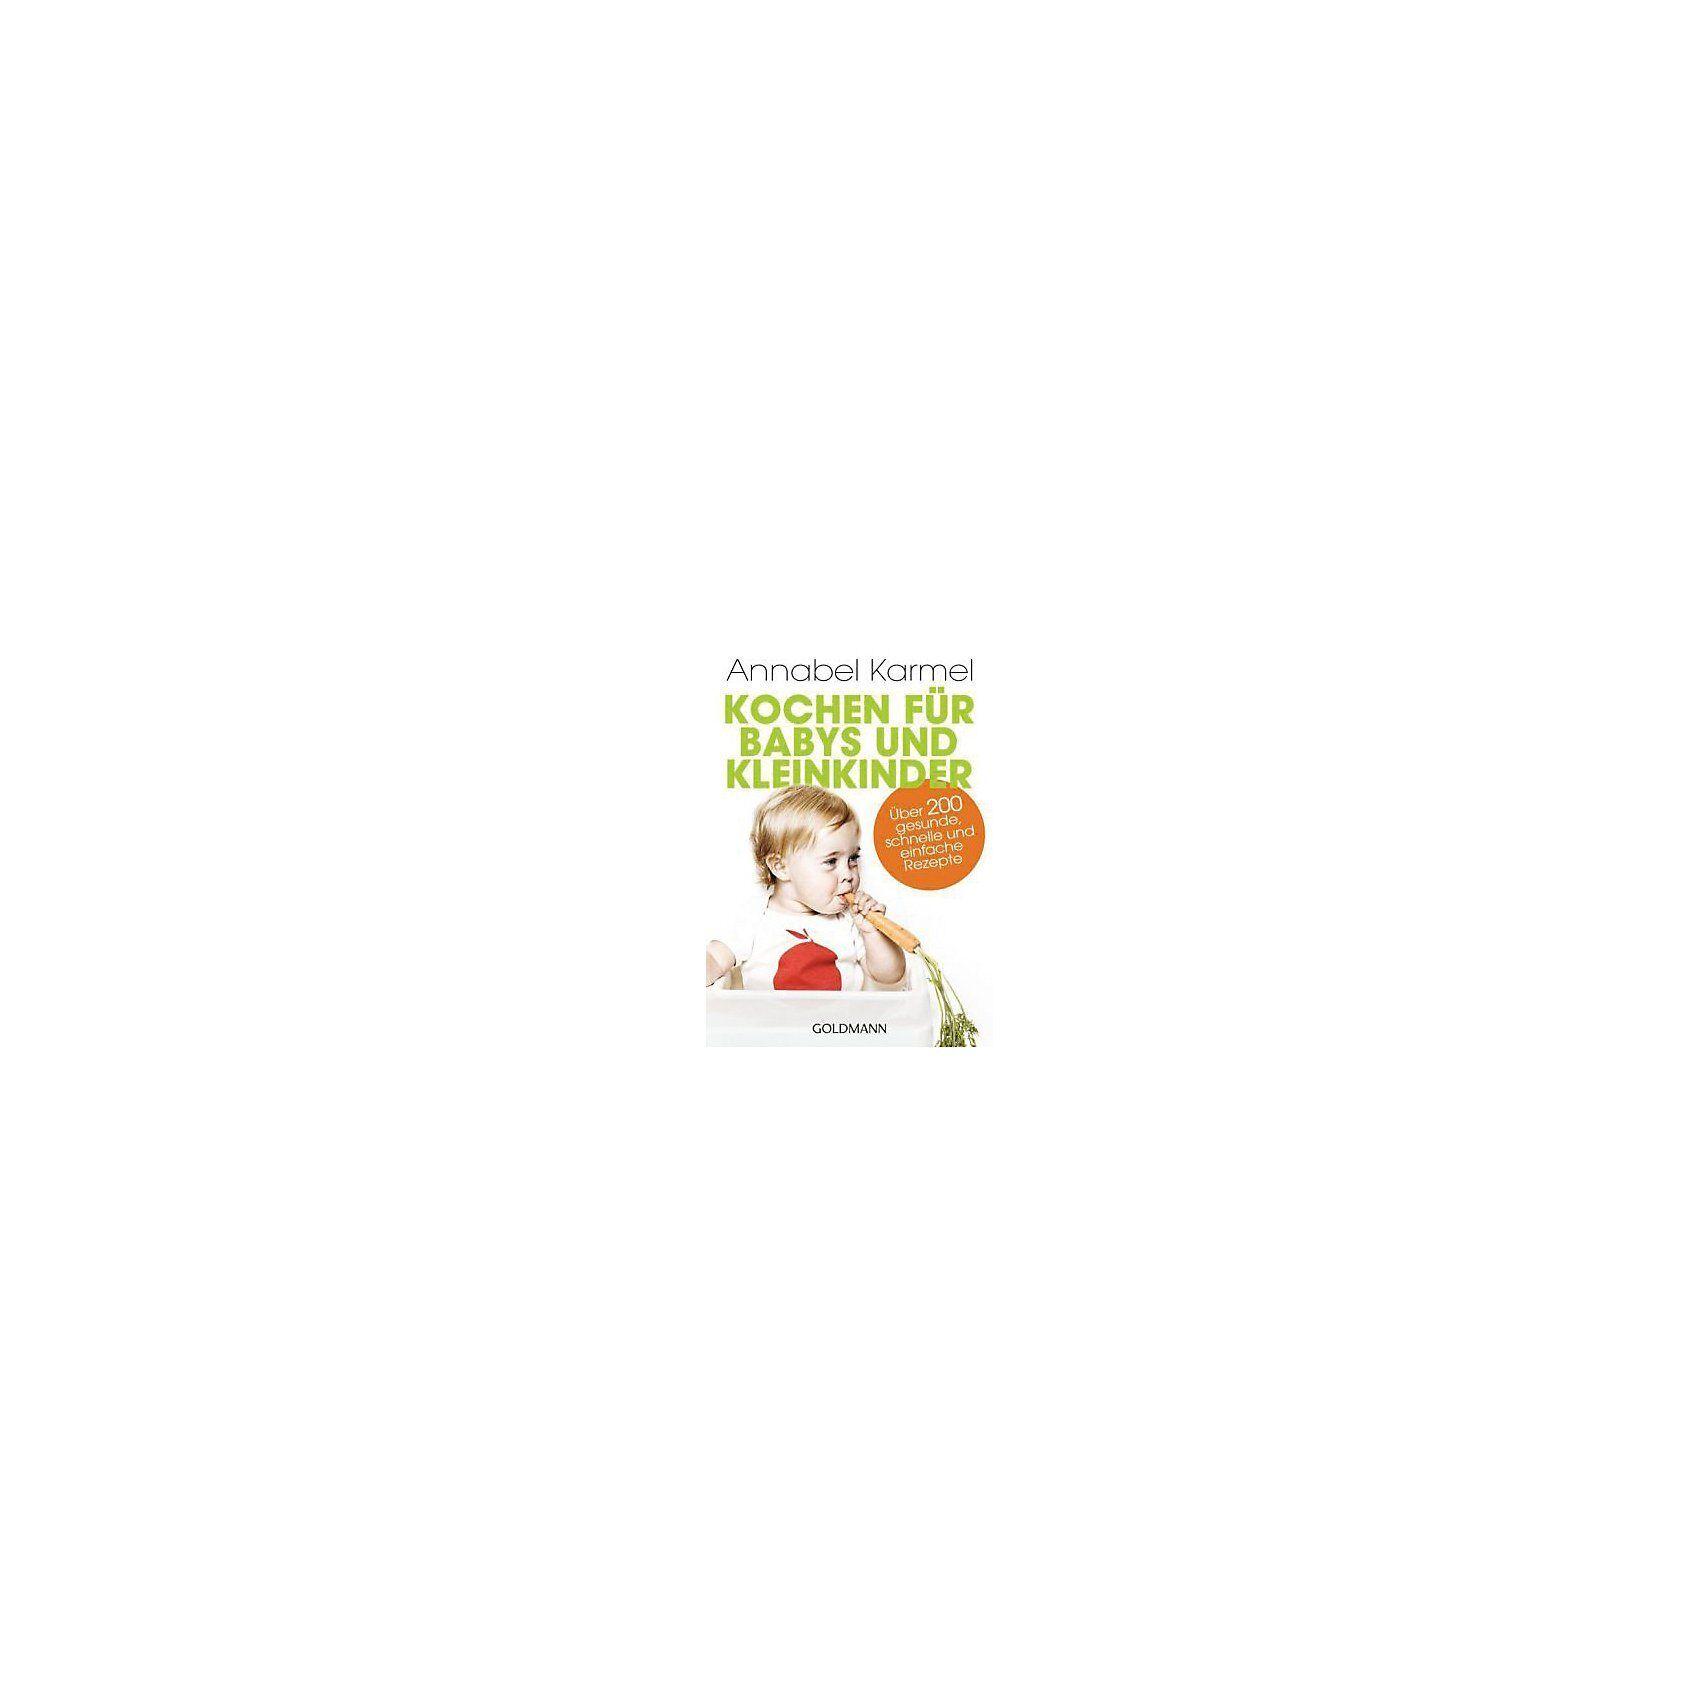 Goldmann Verlag Kochen für Babys und Kleinkinder